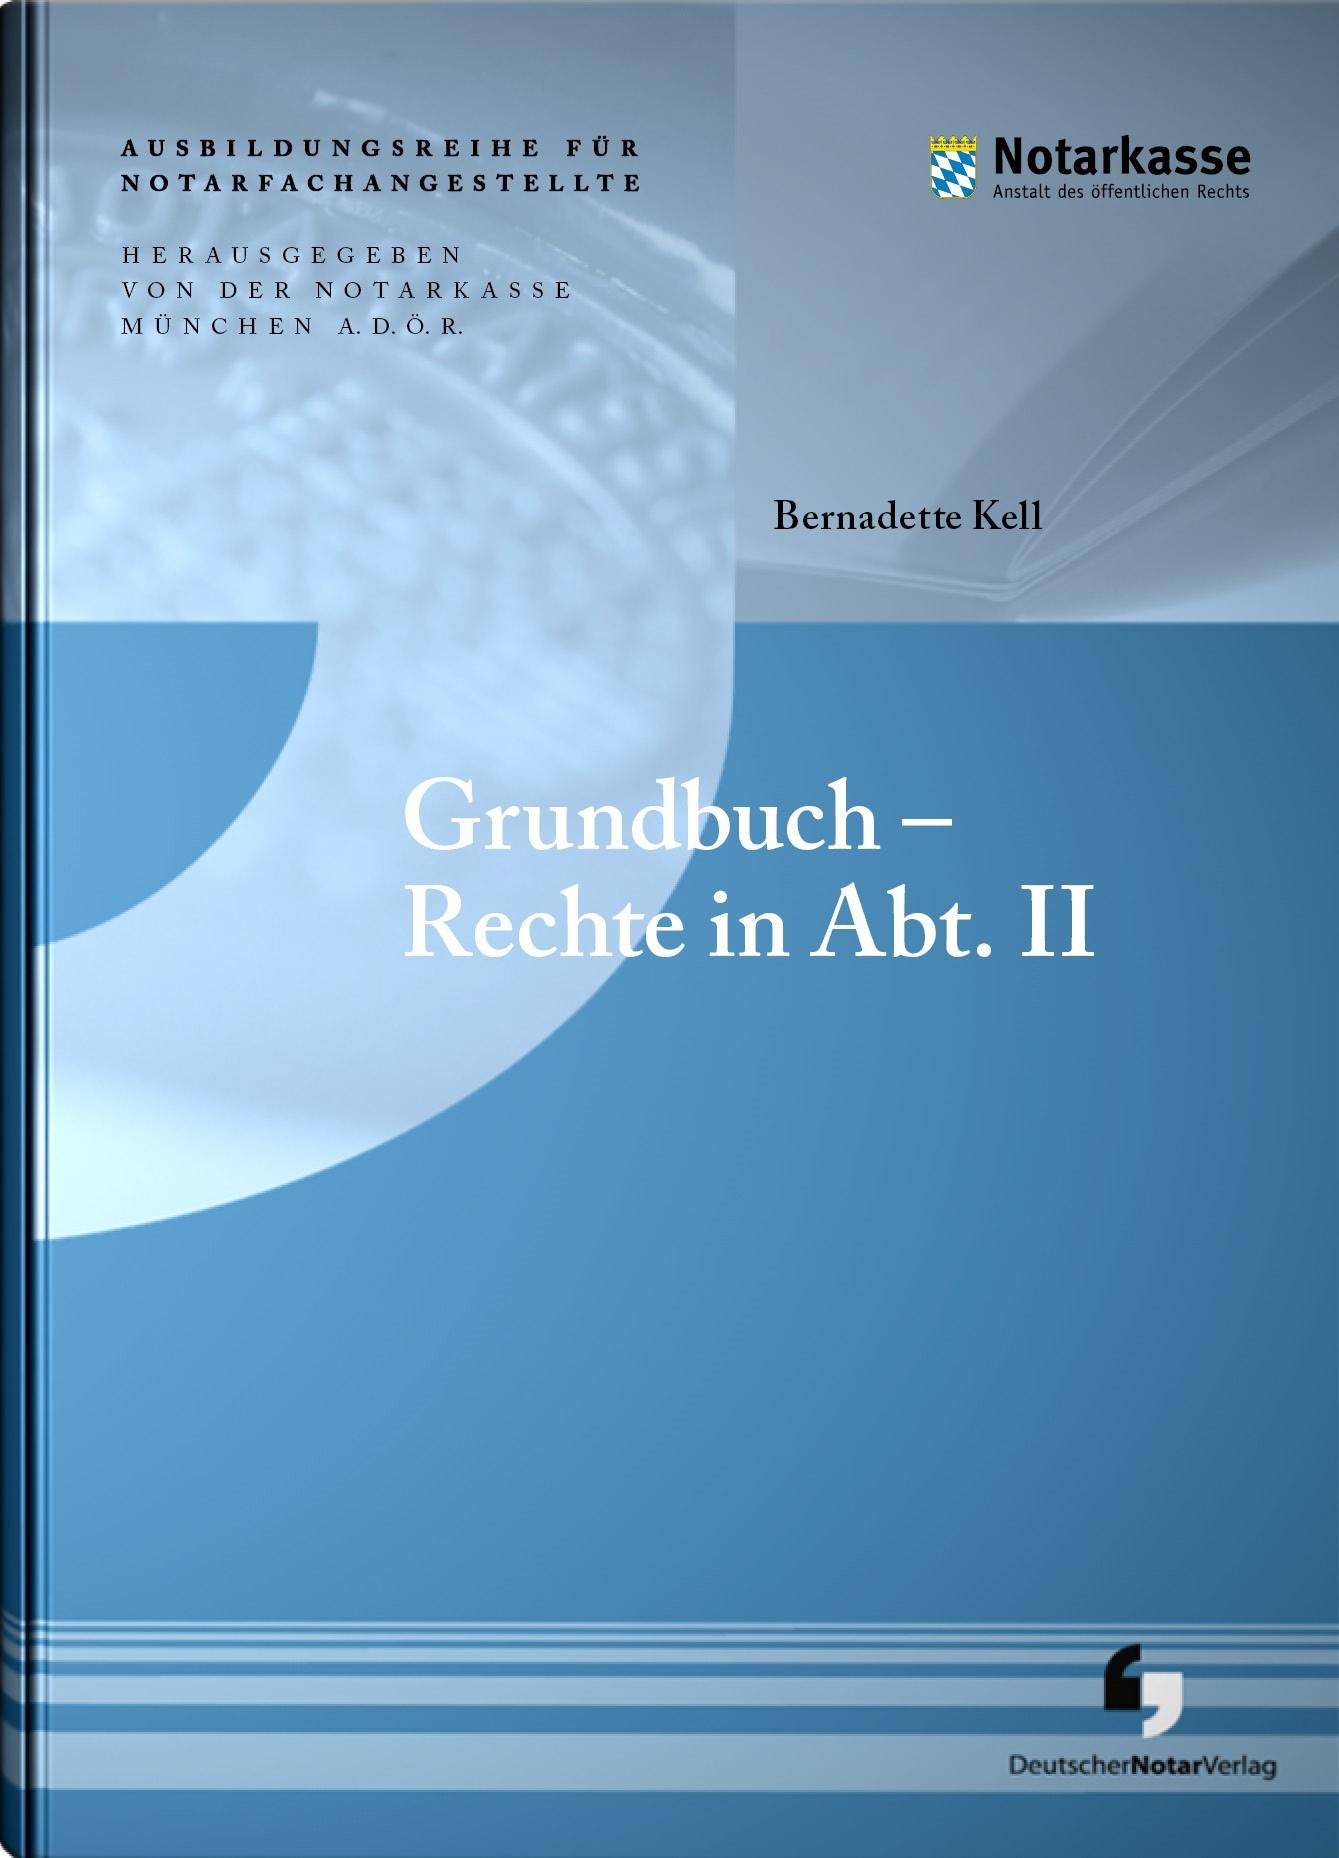 Grundbuch - Rechte in Abt. II | A. D. Ö. R., Notarkasse München / Kell (Hrsg.), 2018 | Buch (Cover)